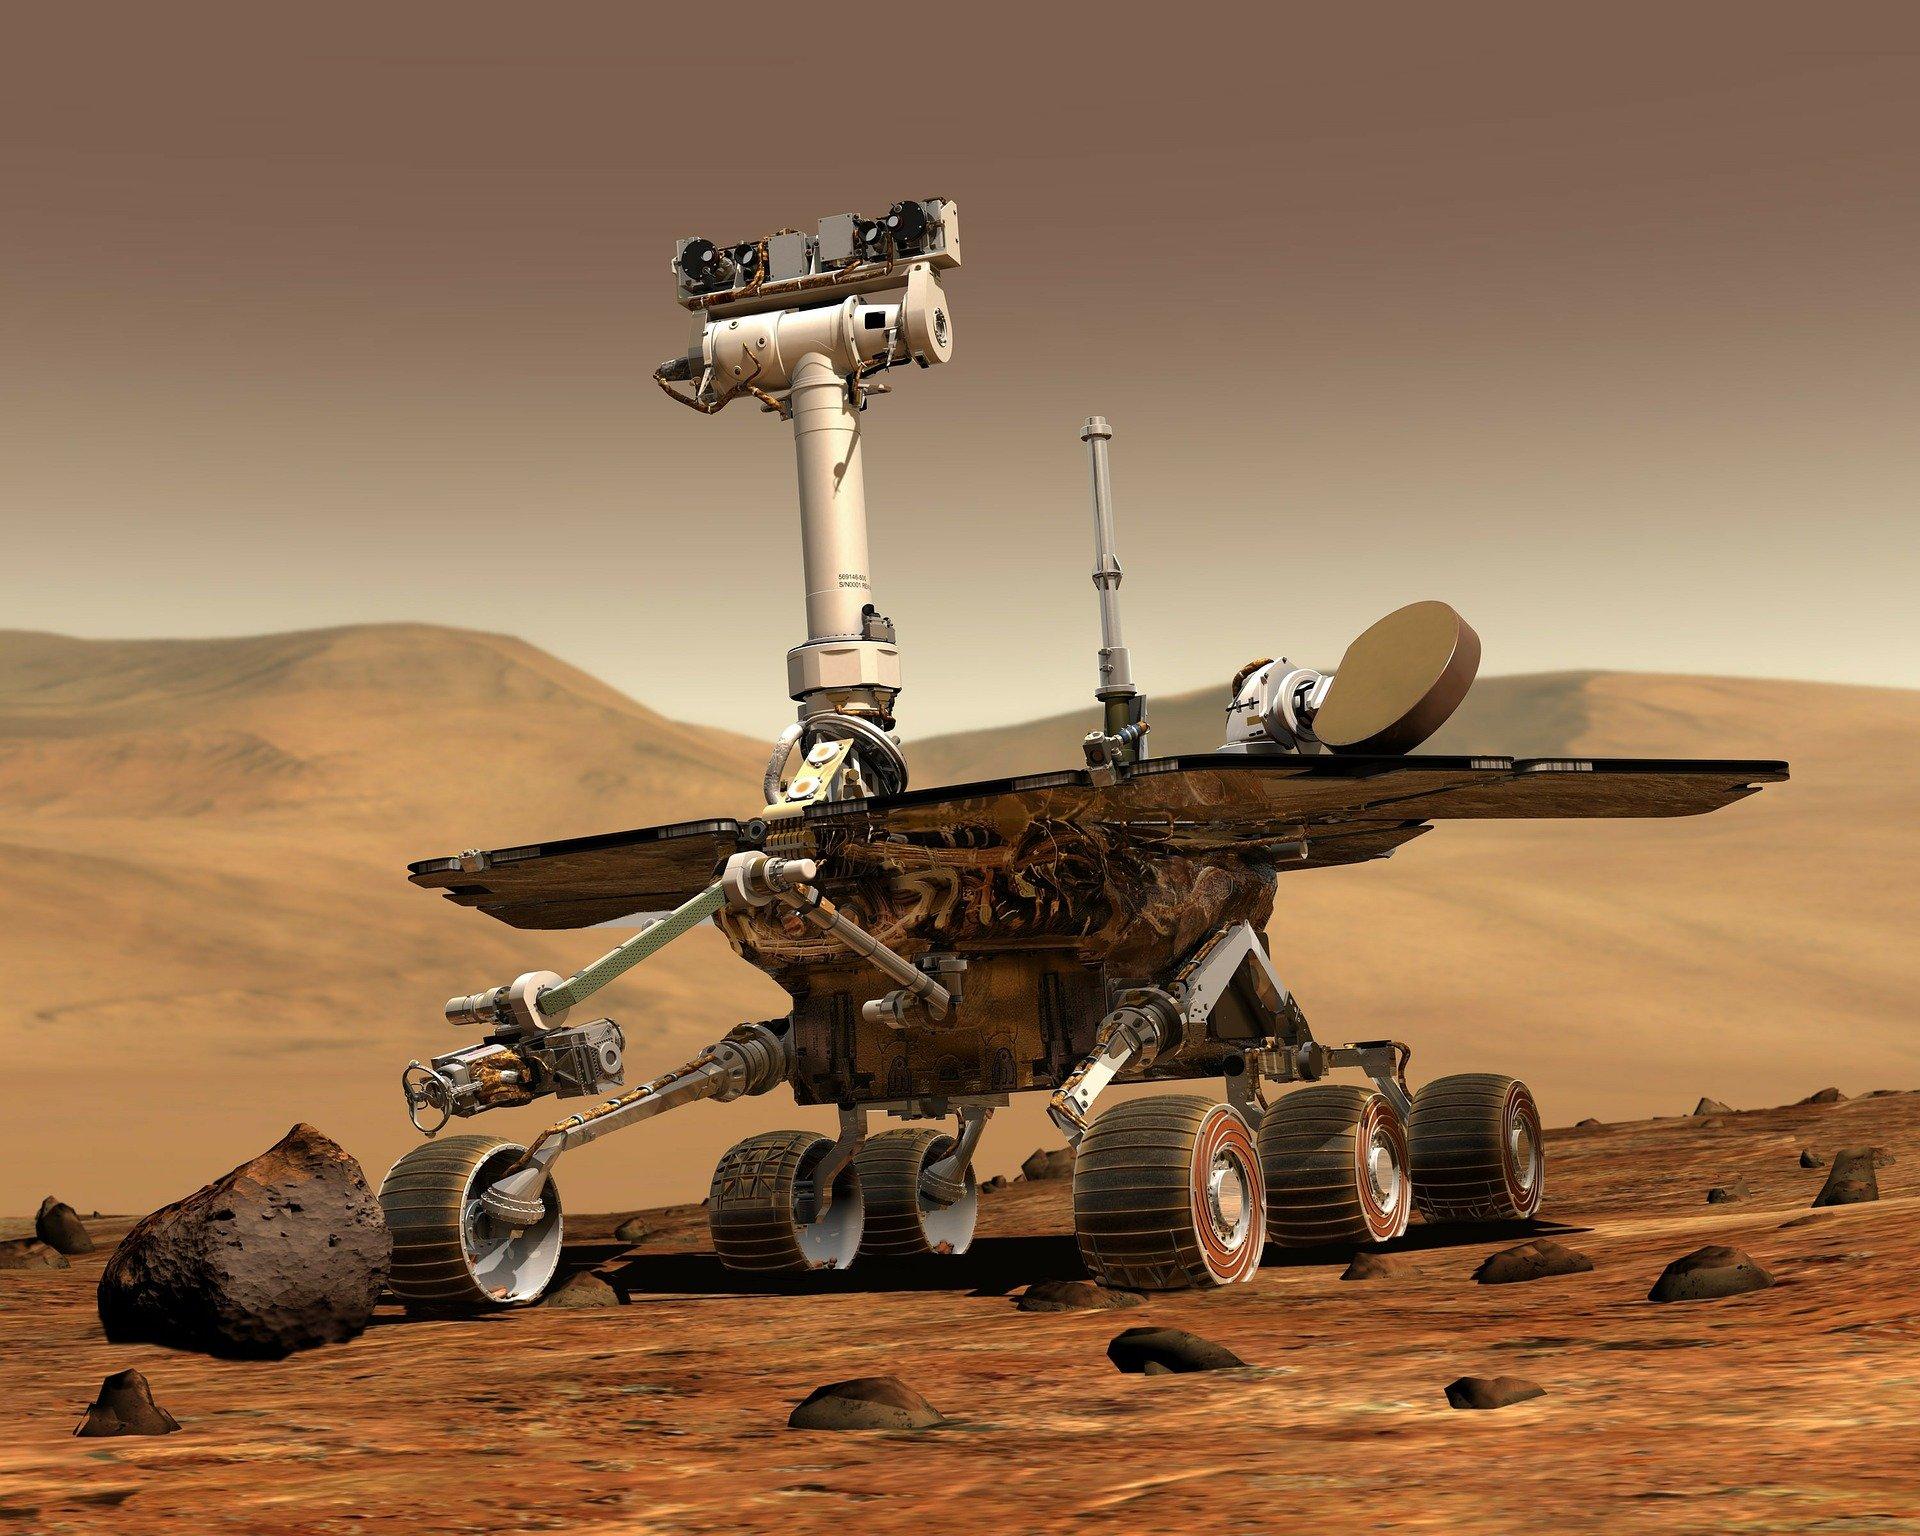 Из-за пыли на поверхности Марса снег может слишком быстро растаять